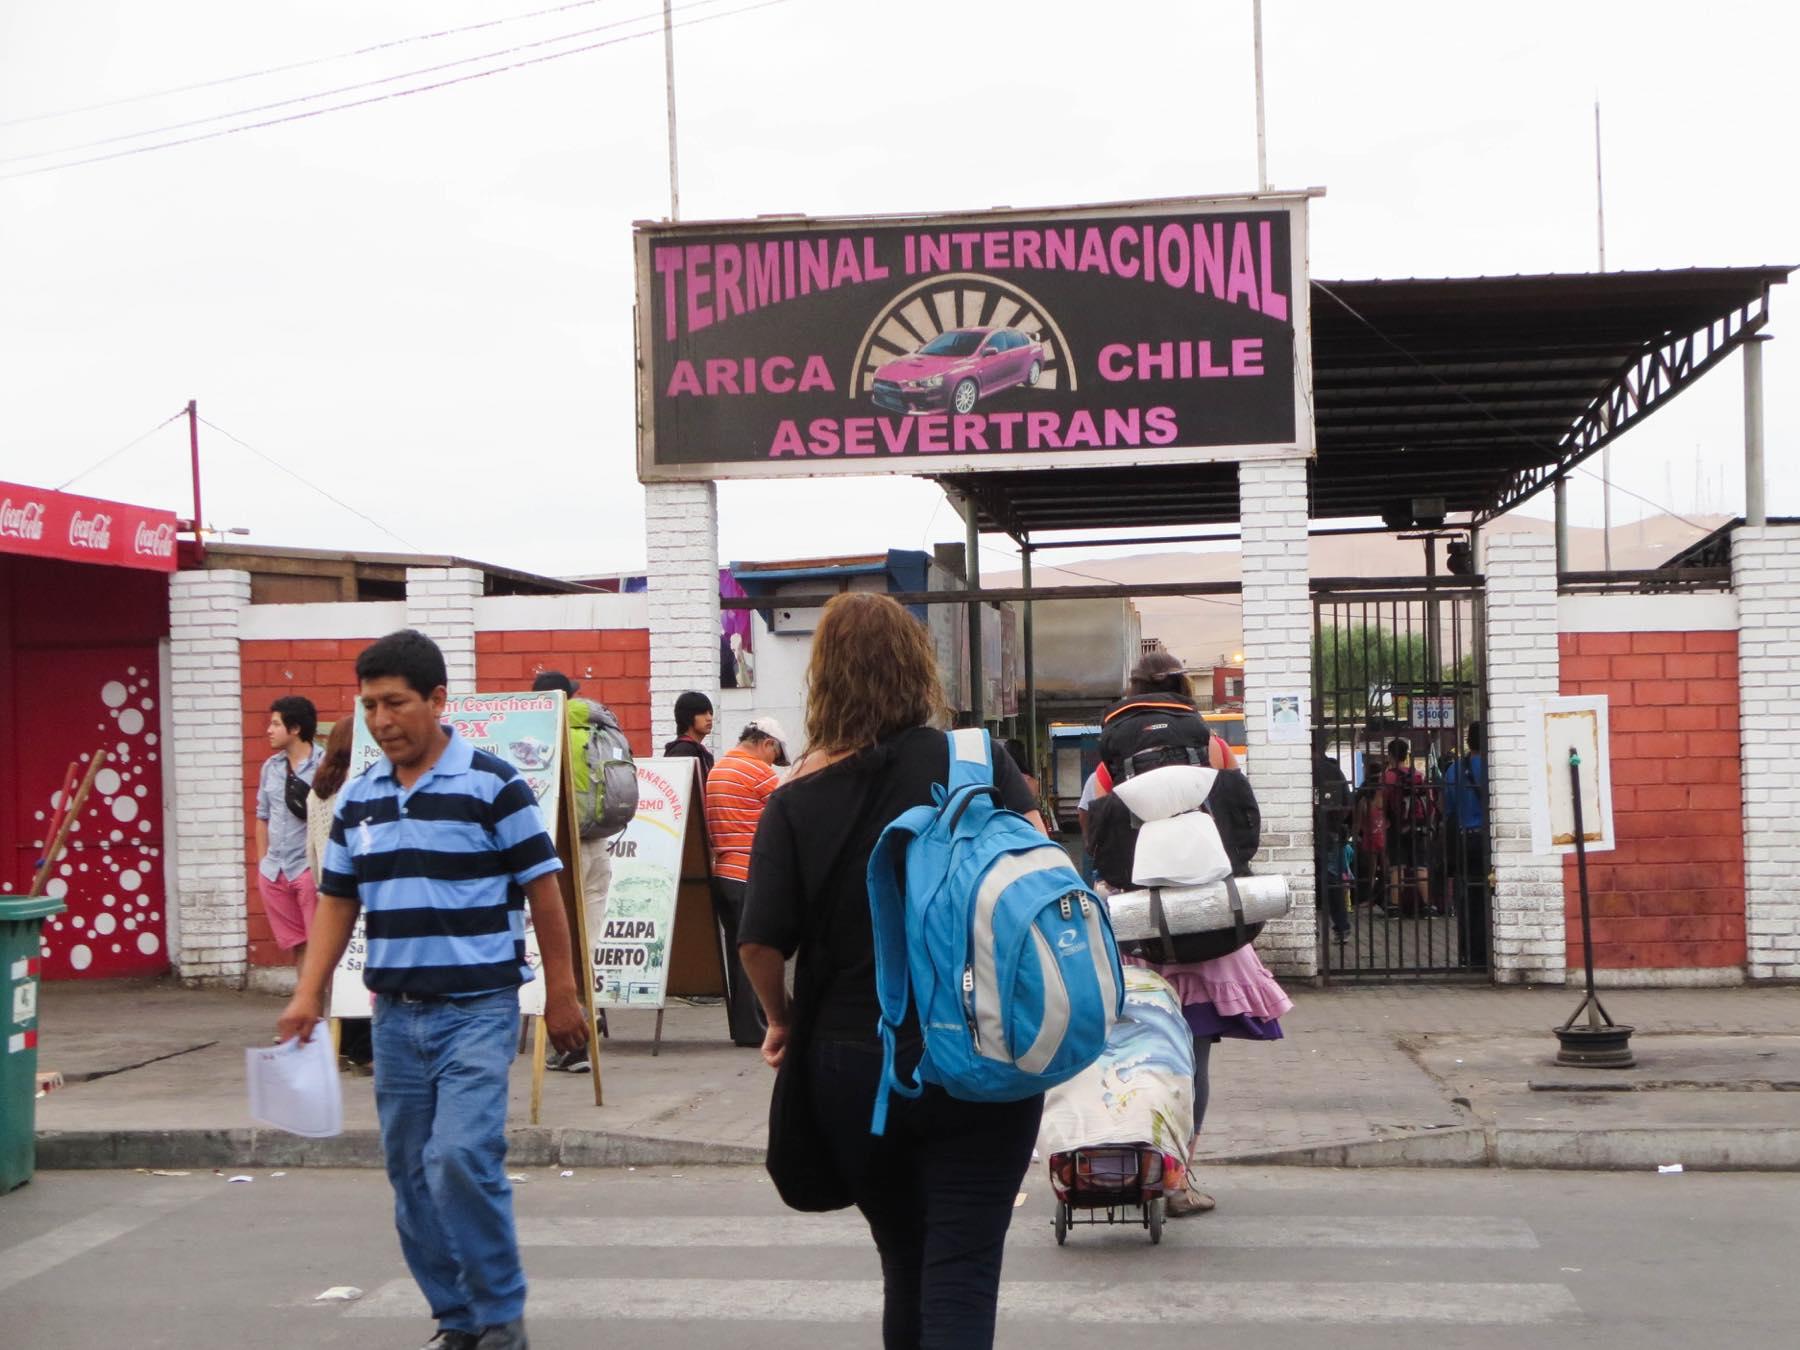 アリカの国際バスターミナル